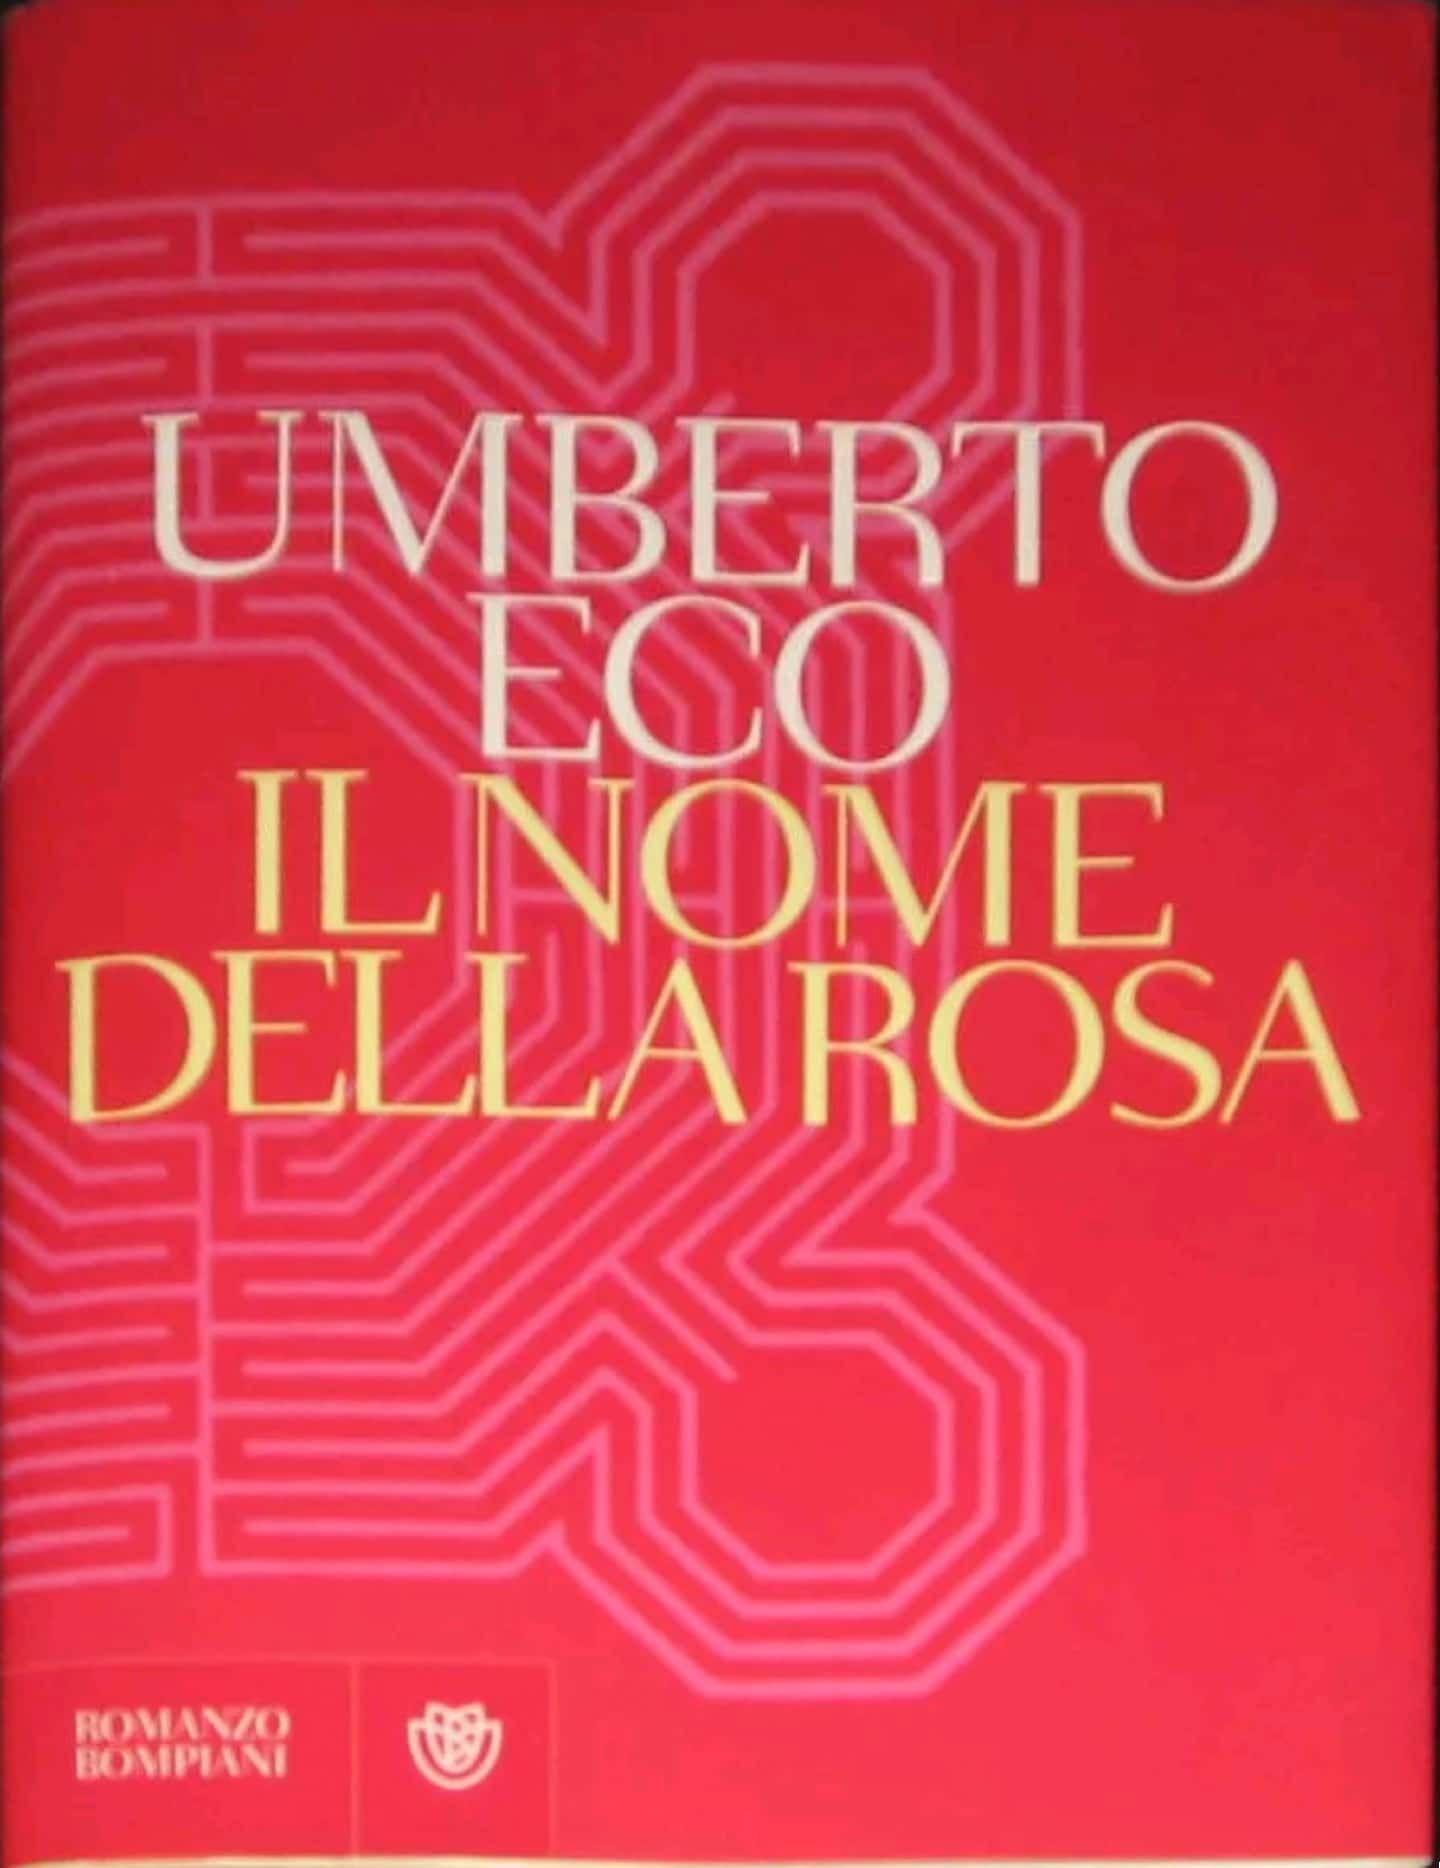 Il Nome Della Rosa Di Umberto Eco L Edizione Piu Rara Non E La Prima Libri Romanzi Buoni Libri